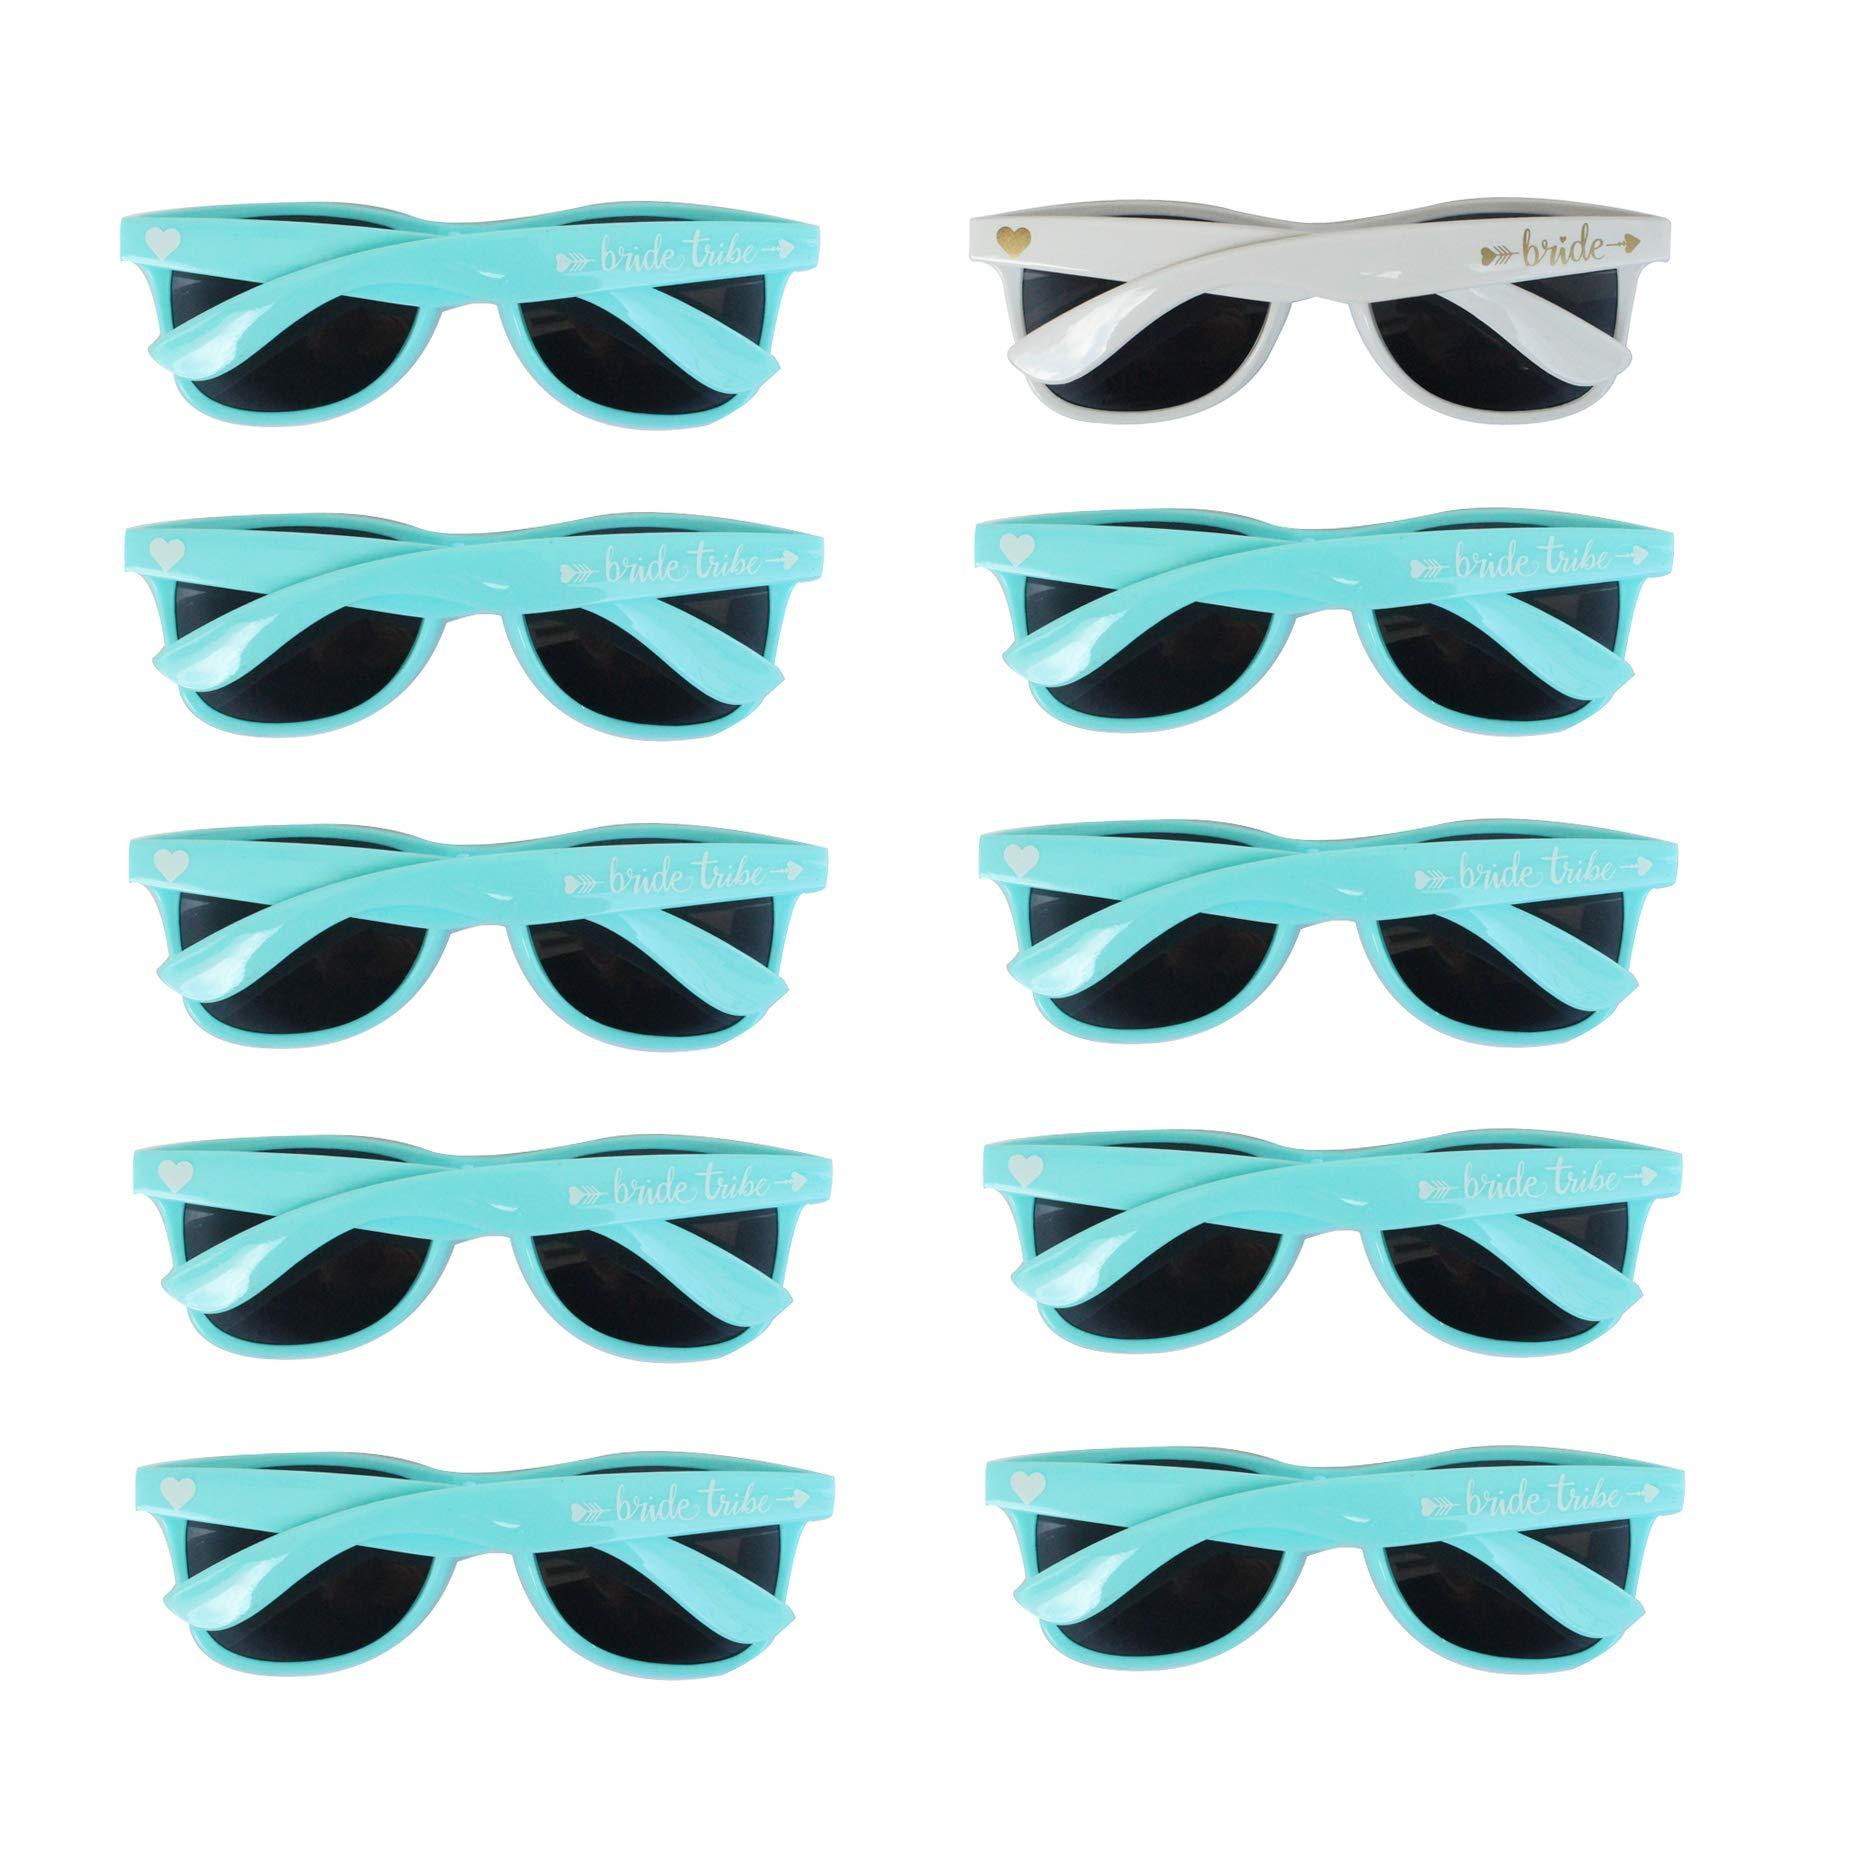 Bridal Shower Favors Bachelorette Party Supplies 10pcs Blue Weddings Sunglasses